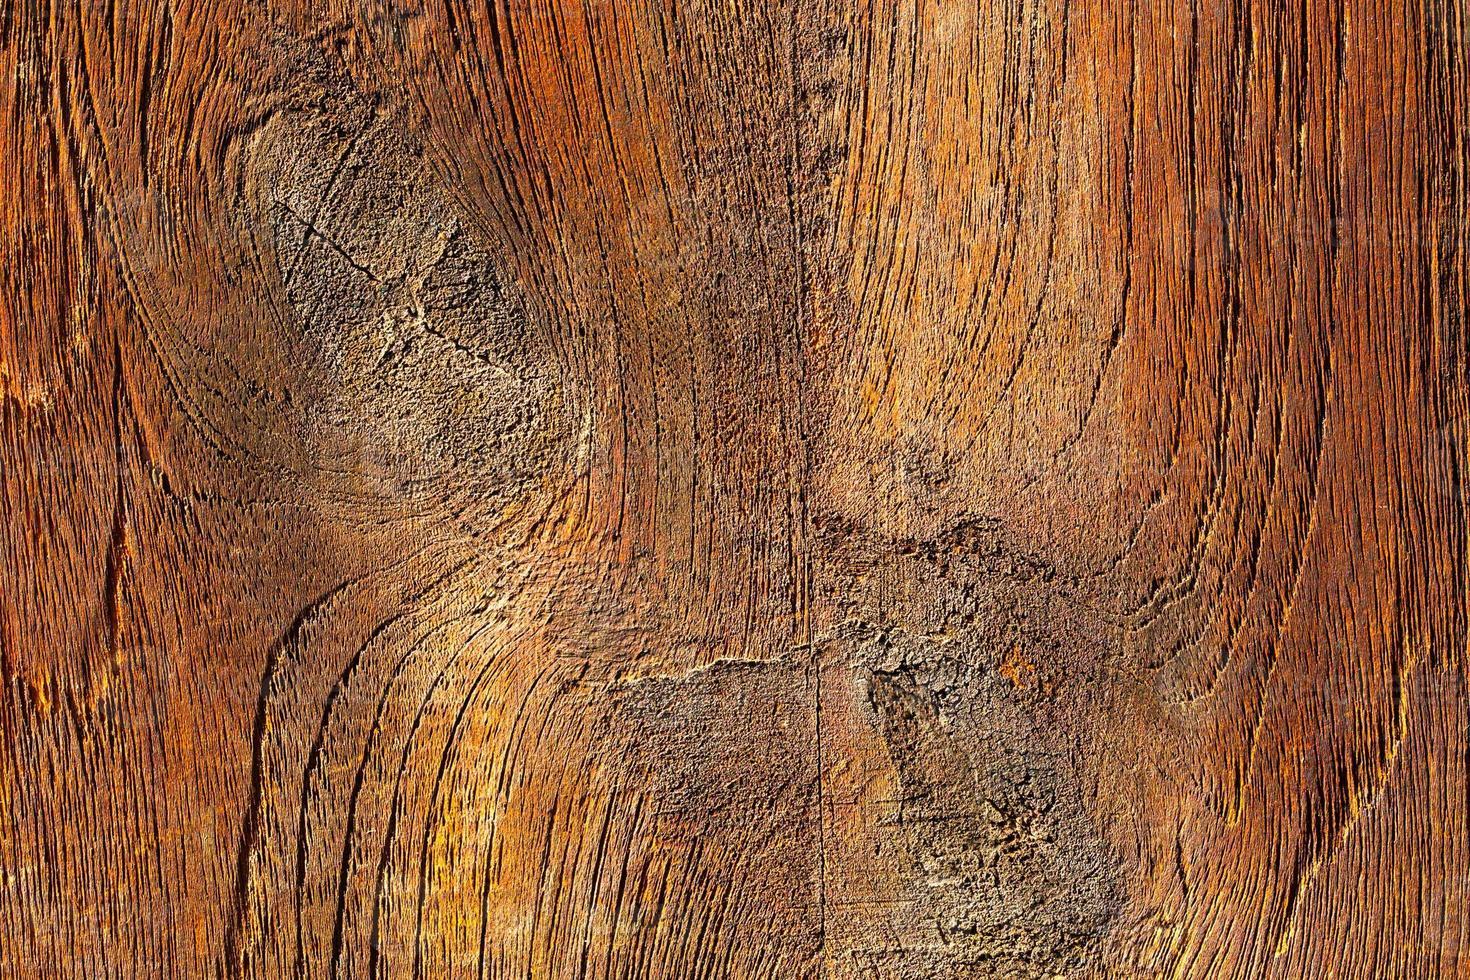 textur av gammalt färgglatt trämönster för bakgrund. foto